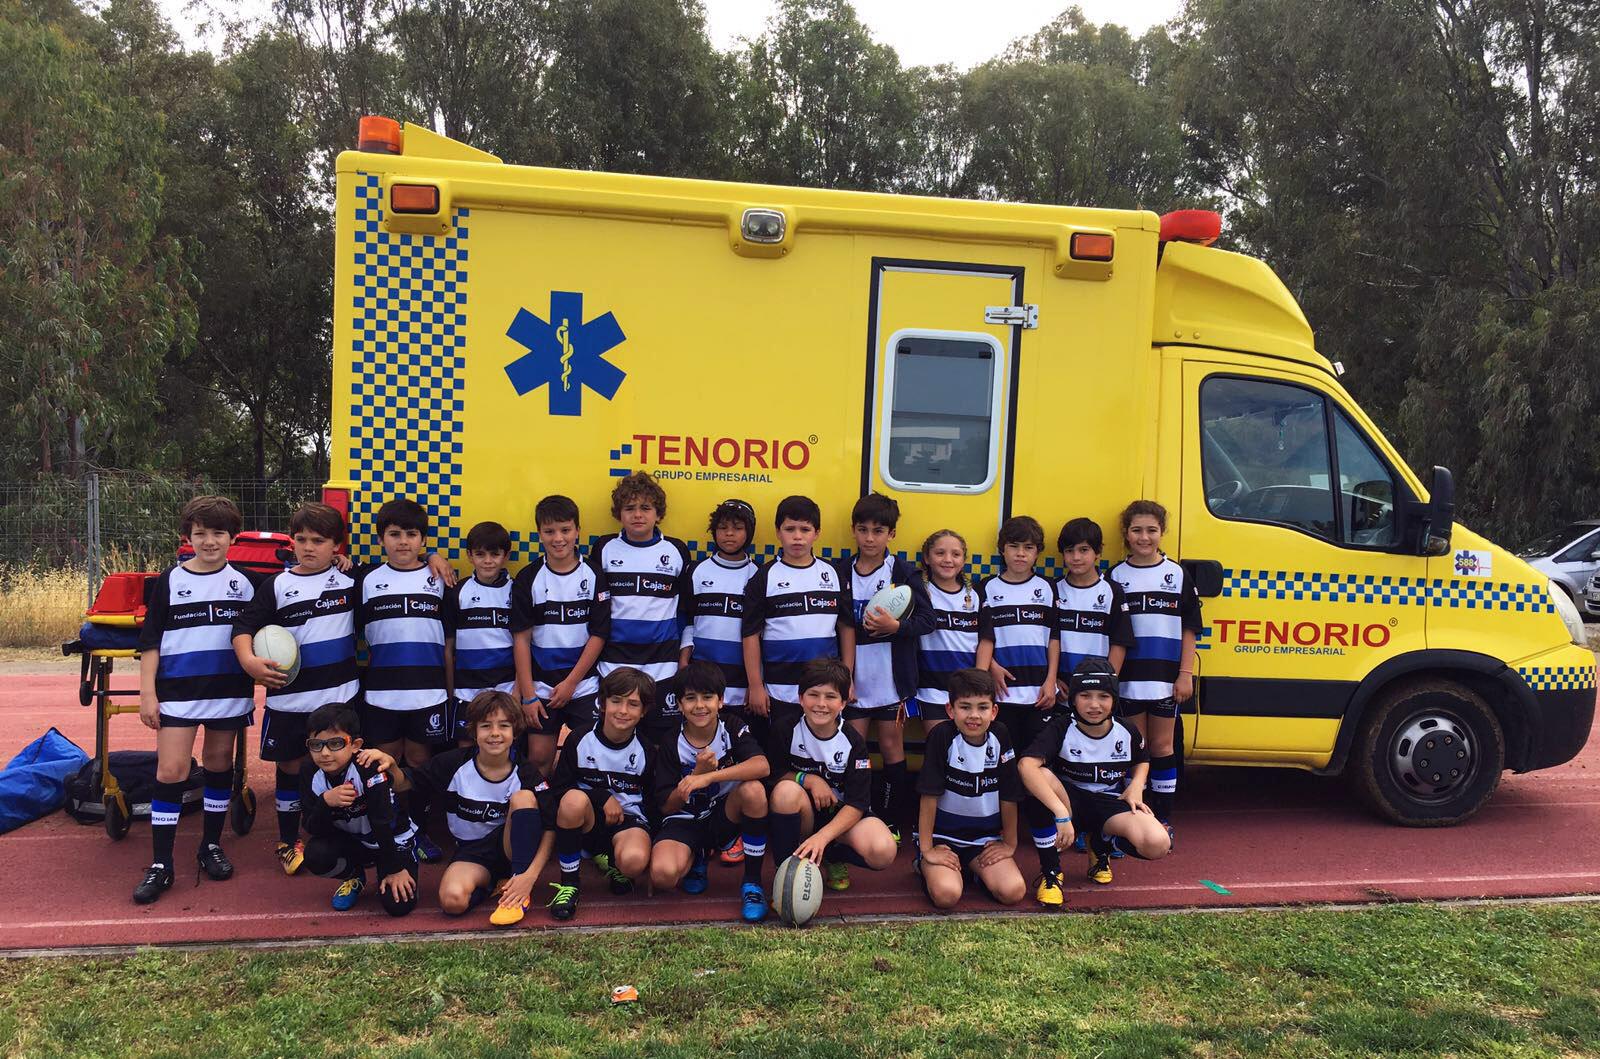 Ambulancias Tenorio estuvo presente en El 6º Encuentro Ibérico de Rugby